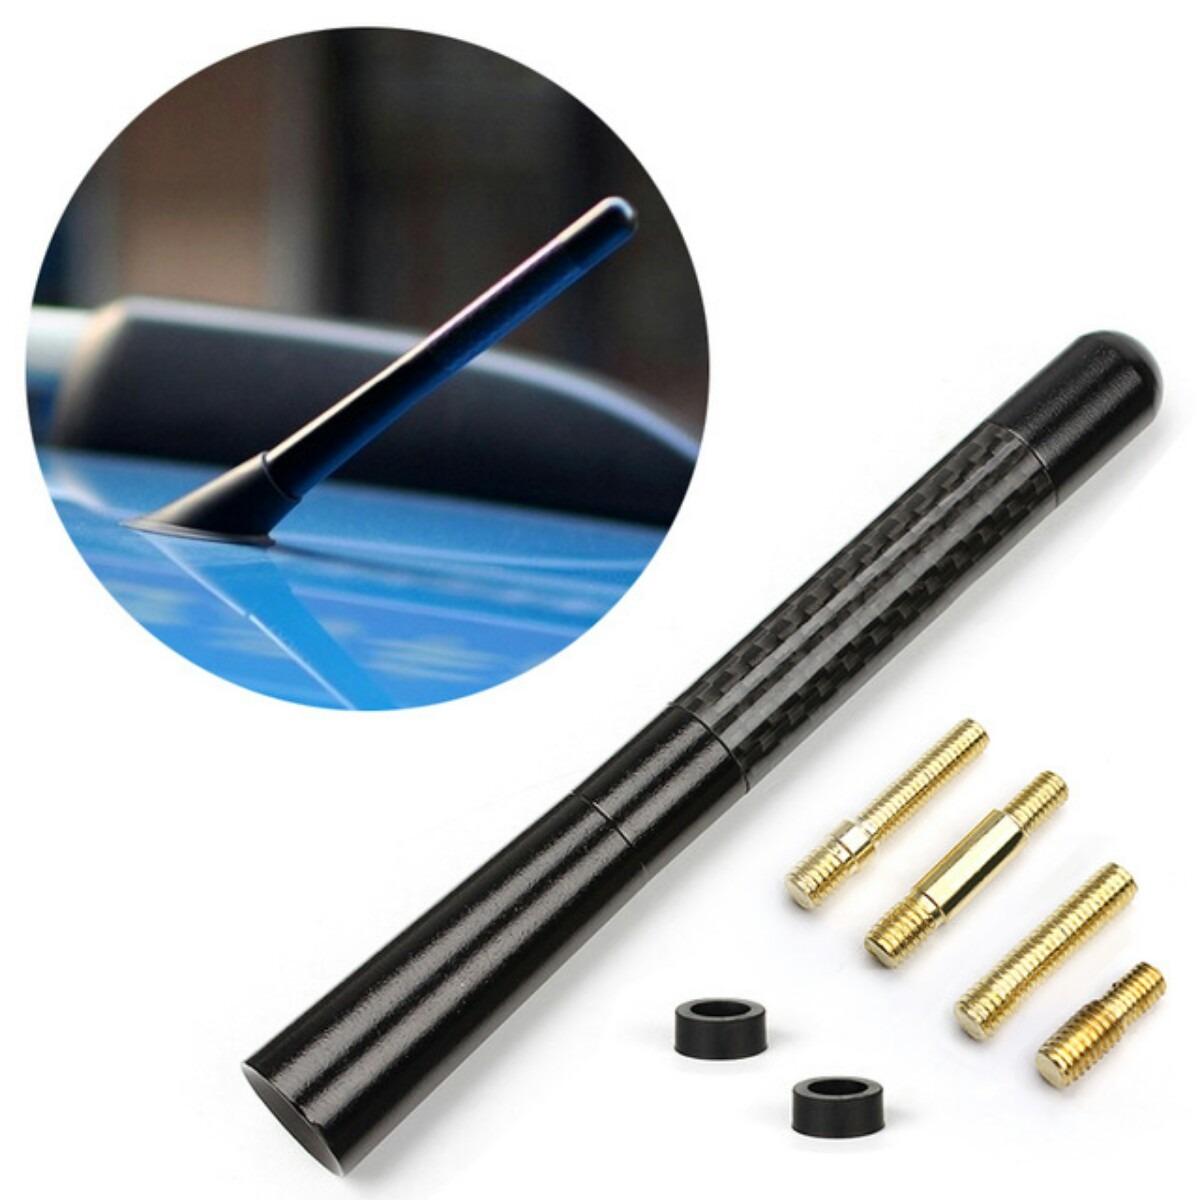 Antena corta con rosca para todas las marcas Antena-corta-para-autos-para-todas-las-marcas-D_NQ_NP_458505-MLU25050998229_092016-F